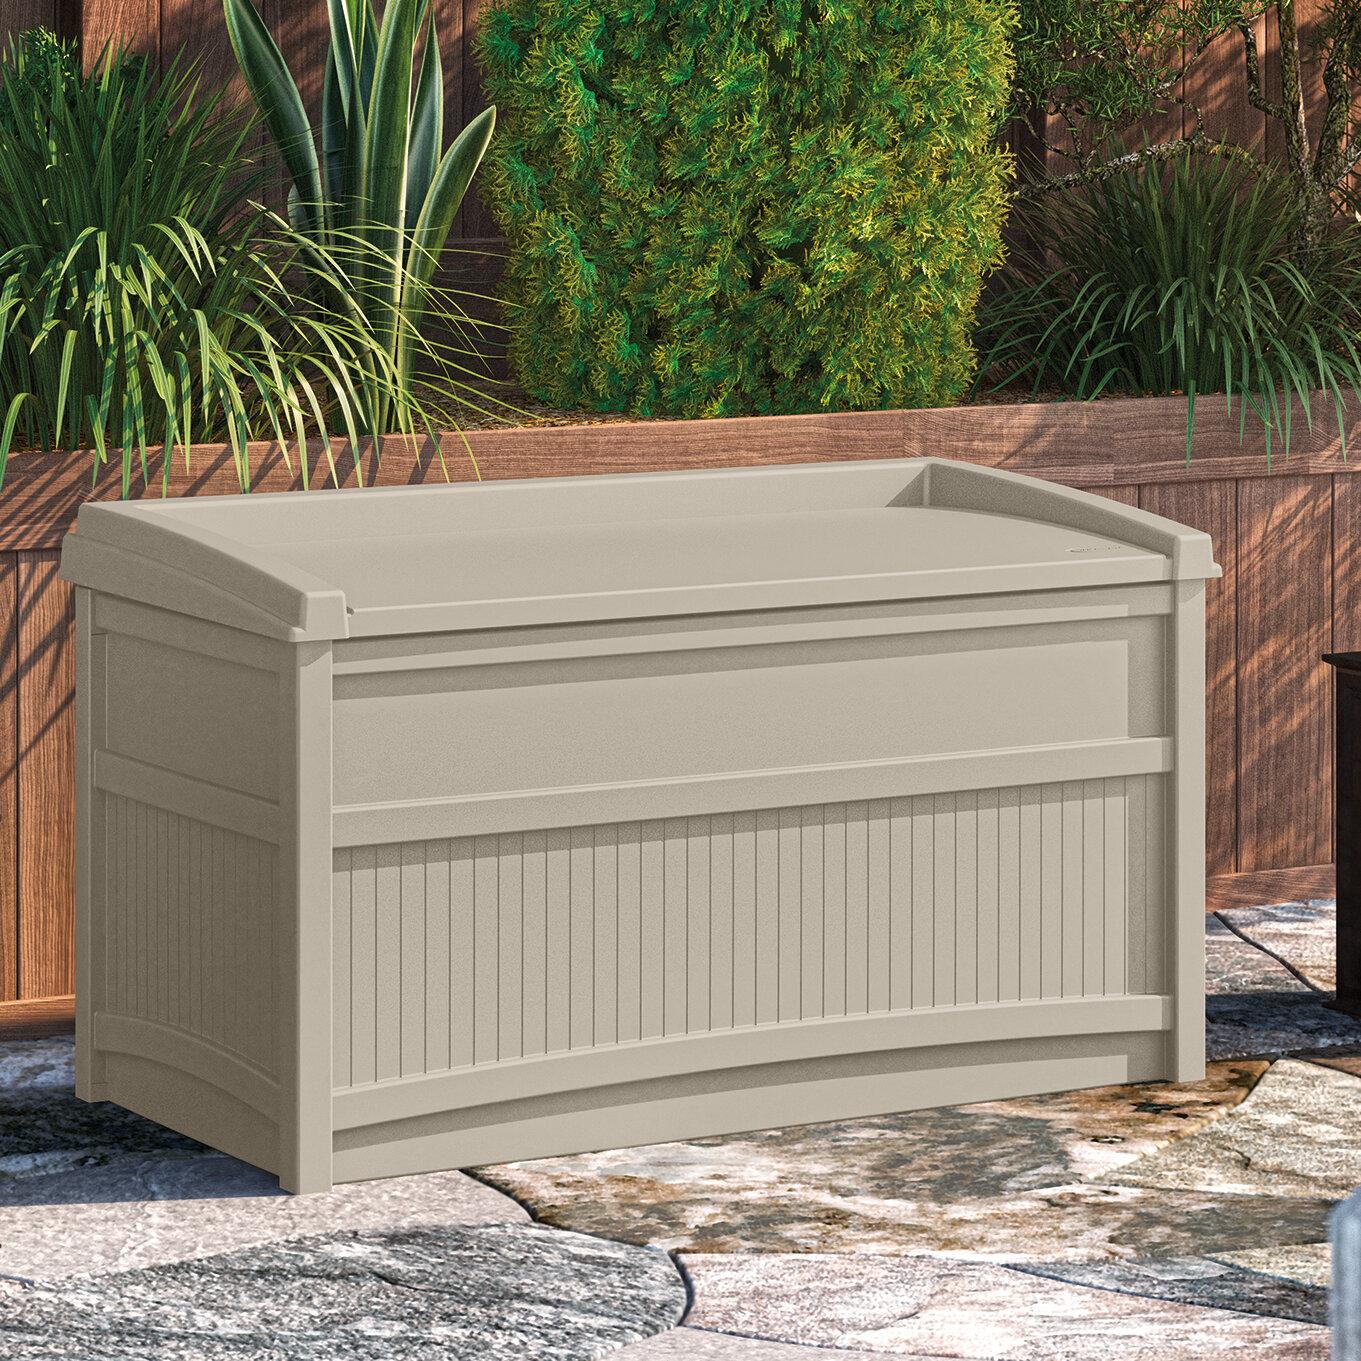 Medium Deck Boxes 20 60 Gallons Wayfair Ca